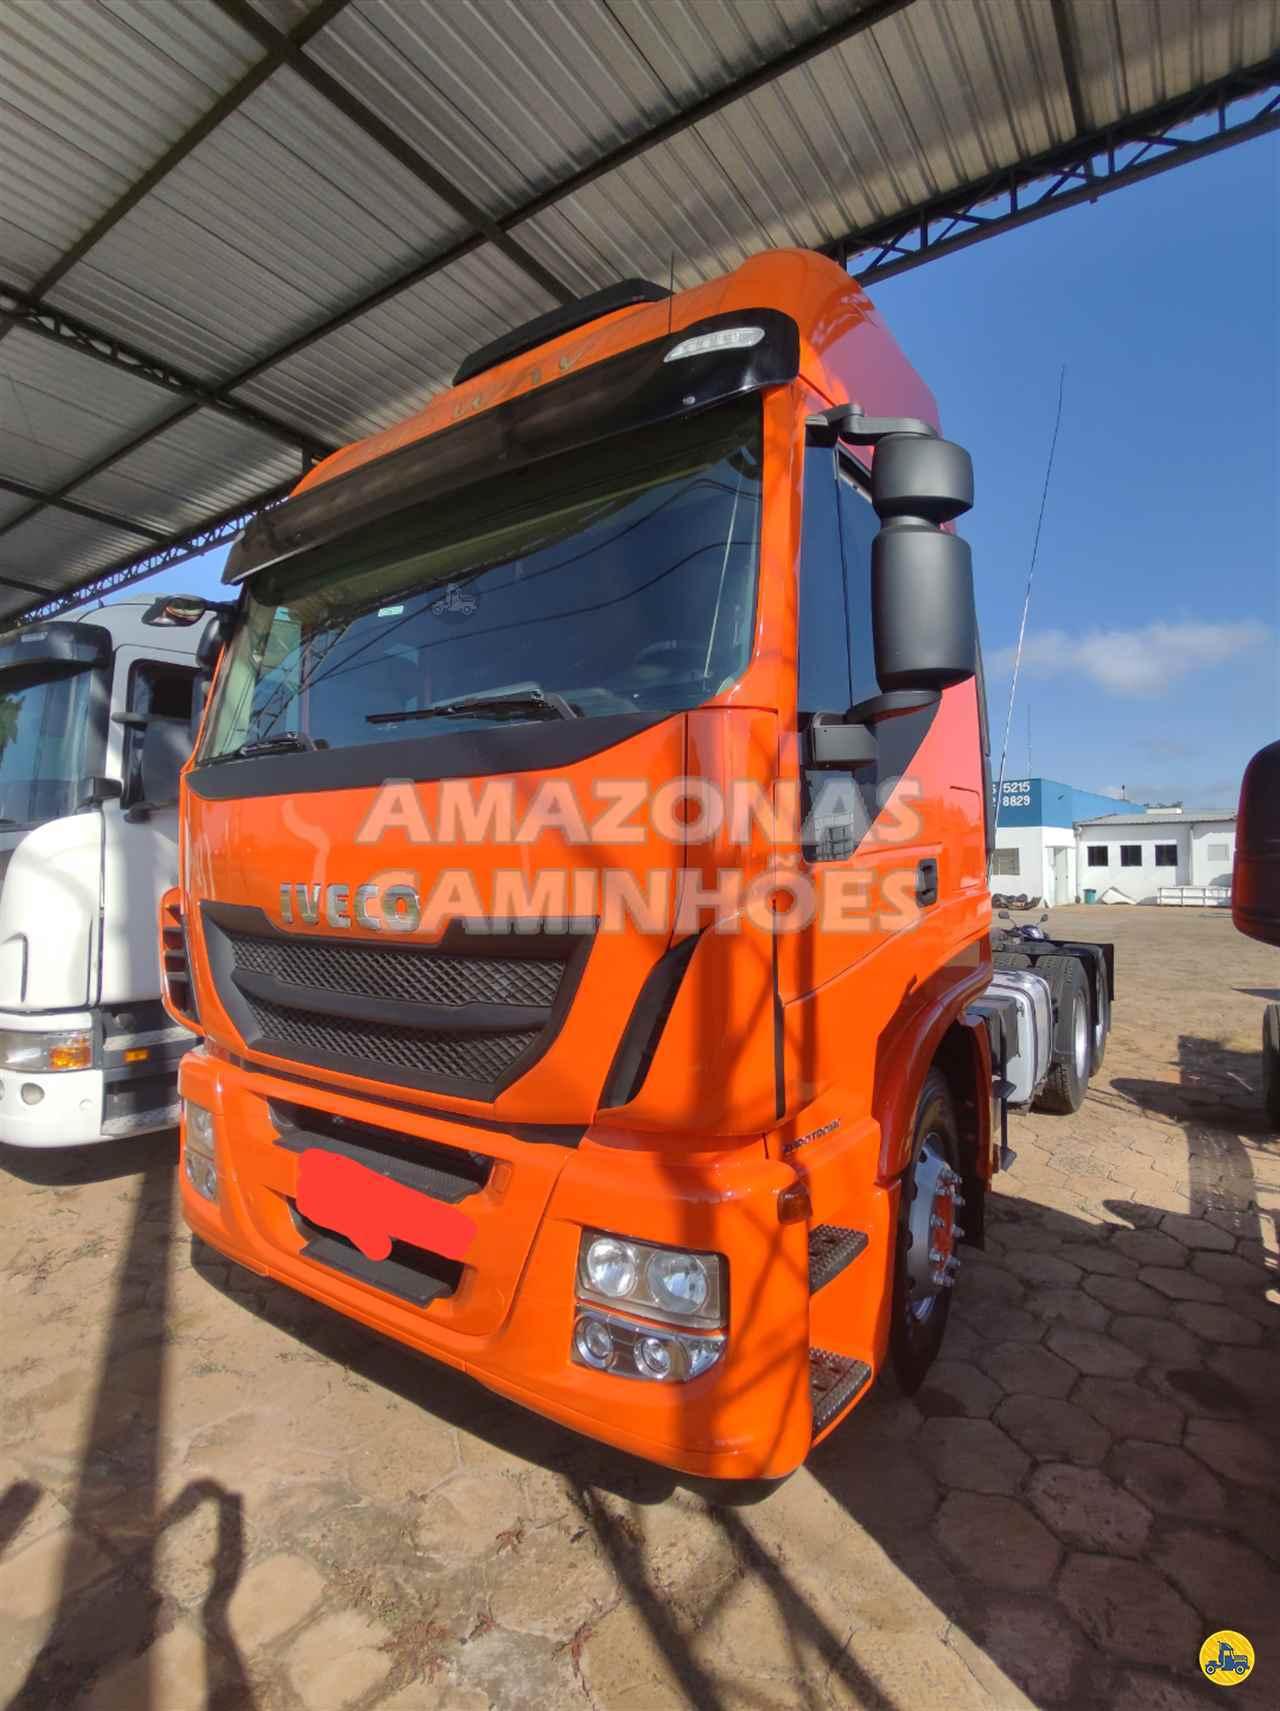 CAMINHAO IVECO STRALIS 440 Cavalo Mecânico Truck 6x2 Amazonas Caminhões MARILIA SÃO PAULO SP